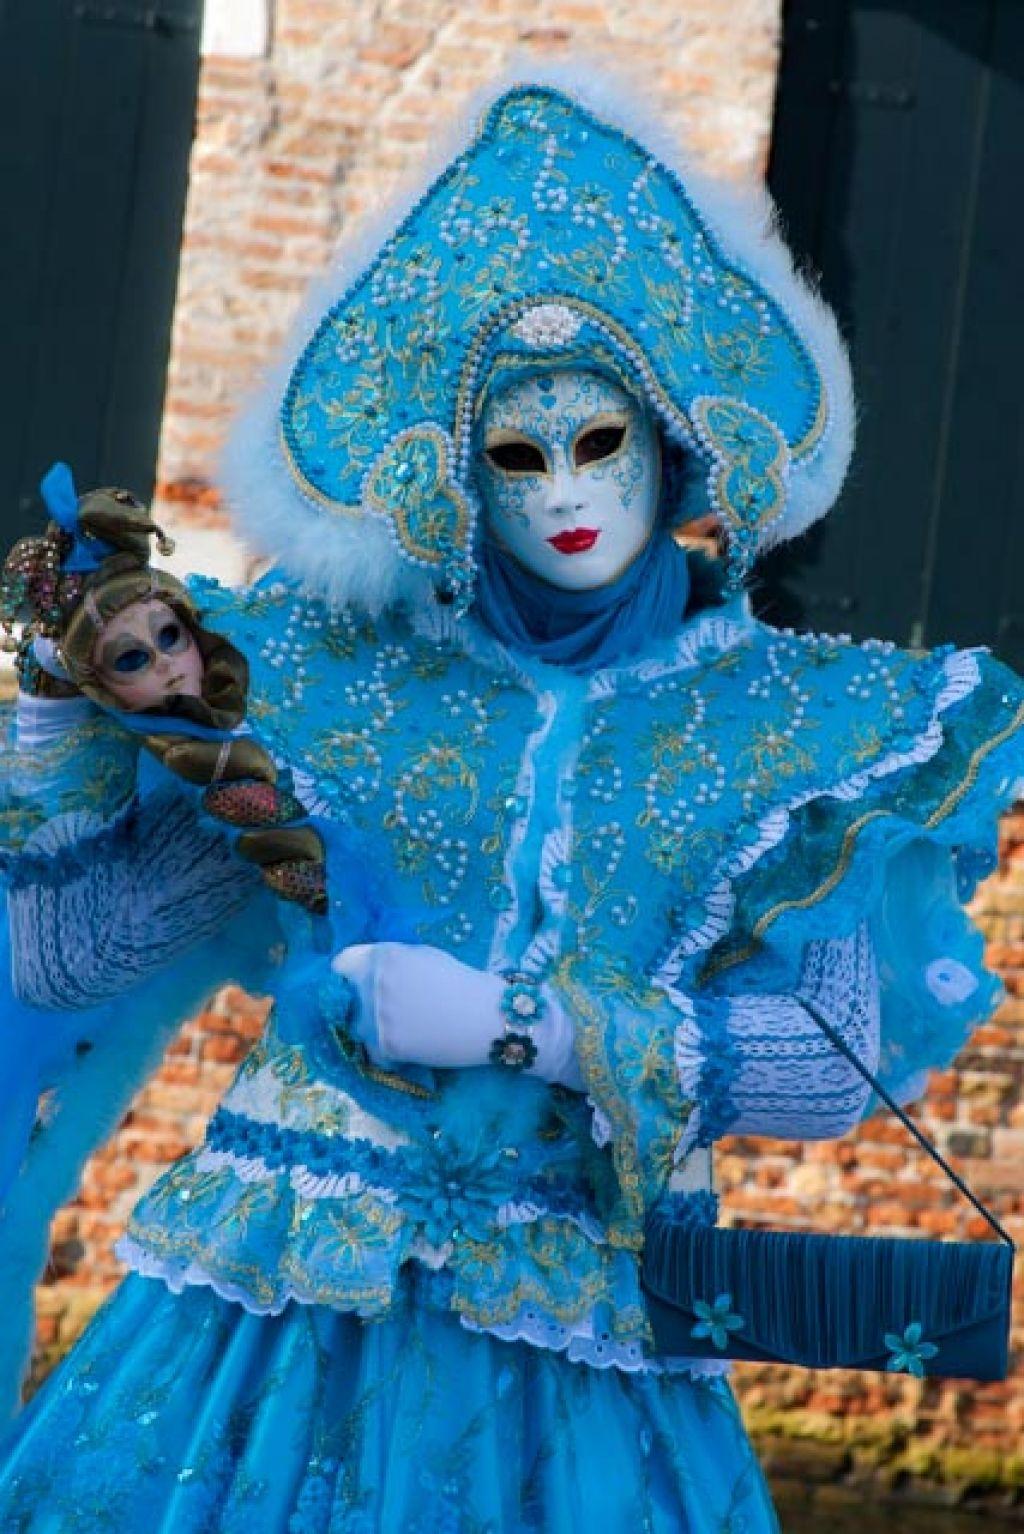 venice carnival8 Carnival Costumes at Santa Maria della Salute